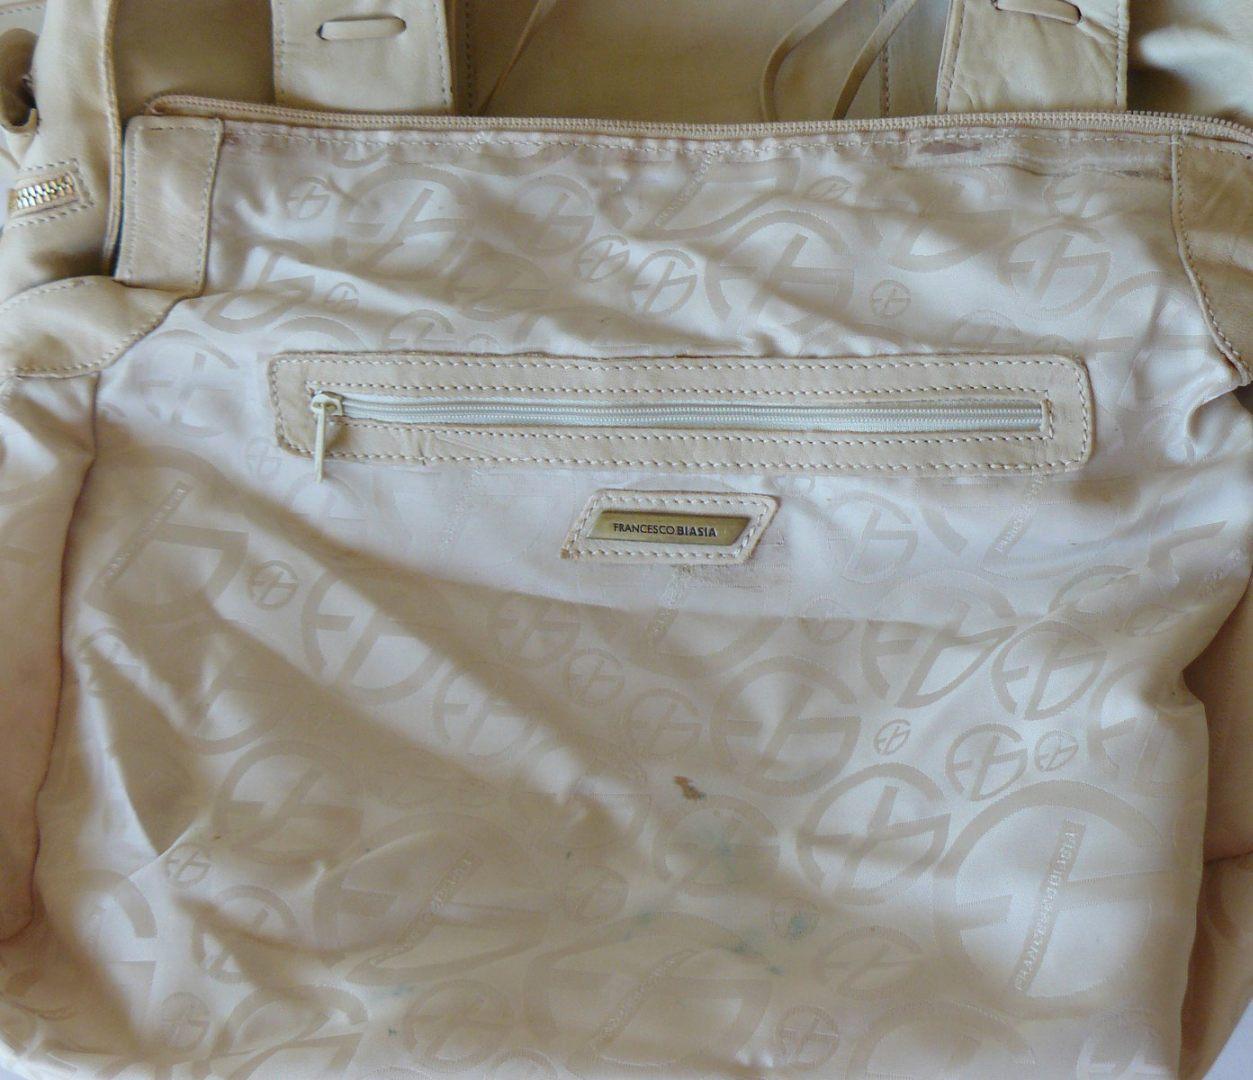 Francesco Biasia Boho Leather Fringe Slouchy Crossbody Shoulder Bag Satchel XL image 6